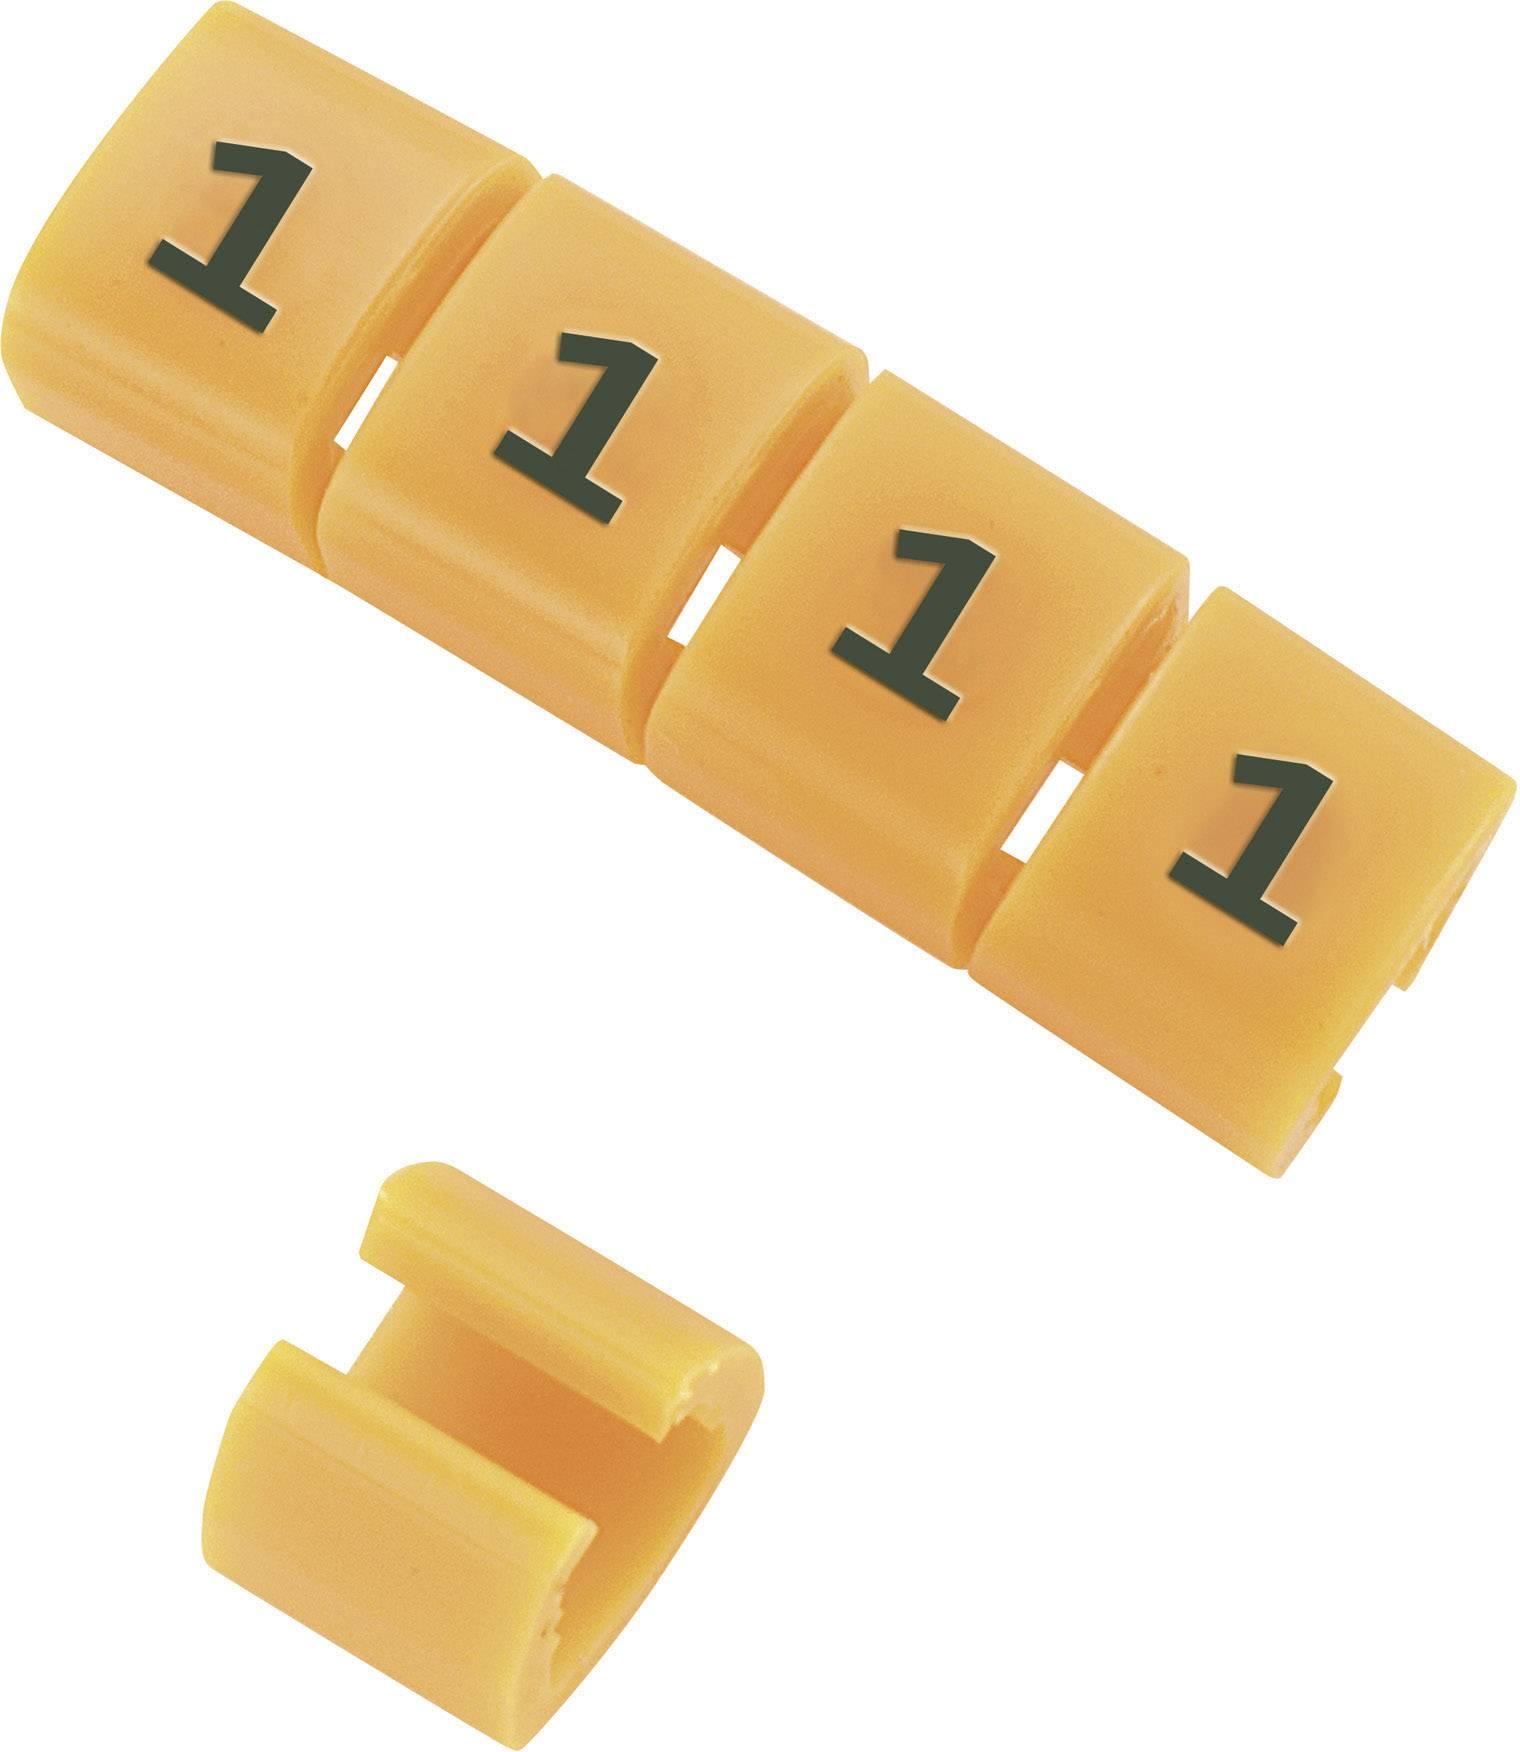 Označovacie objímka na káble KSS MB2/9, oranžová, 10 ks